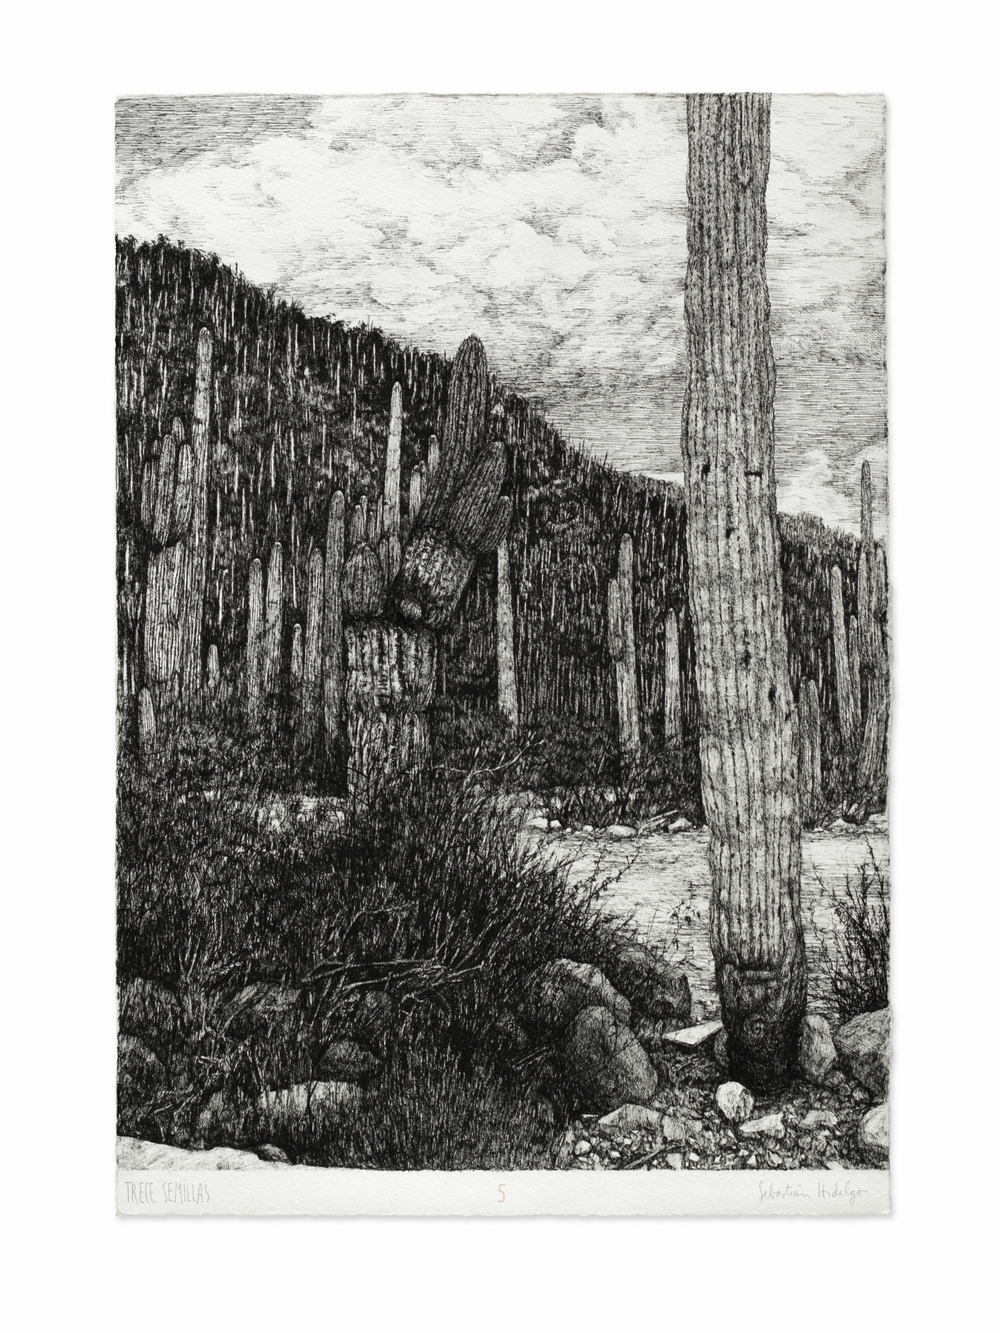 Trece semillas/5, 2015 Ink on paper, 39 x 26.5 cm